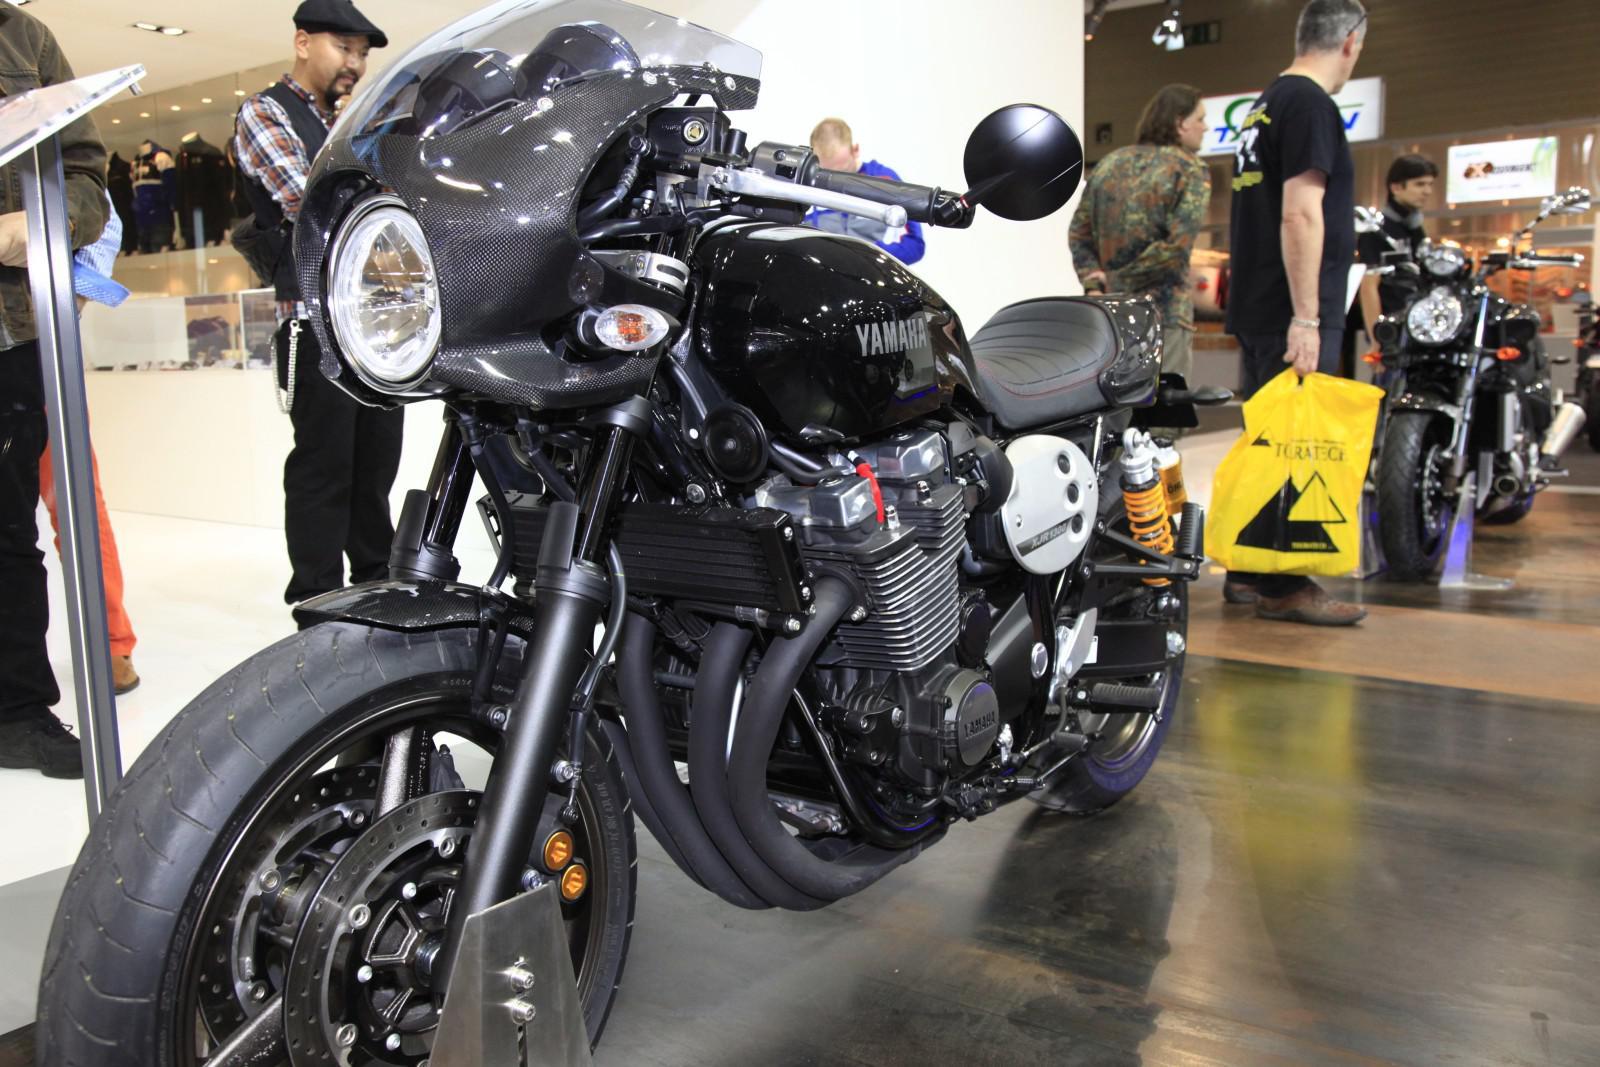 yamaha xjr 1300 racer motorrad fotos motorrad bilder. Black Bedroom Furniture Sets. Home Design Ideas